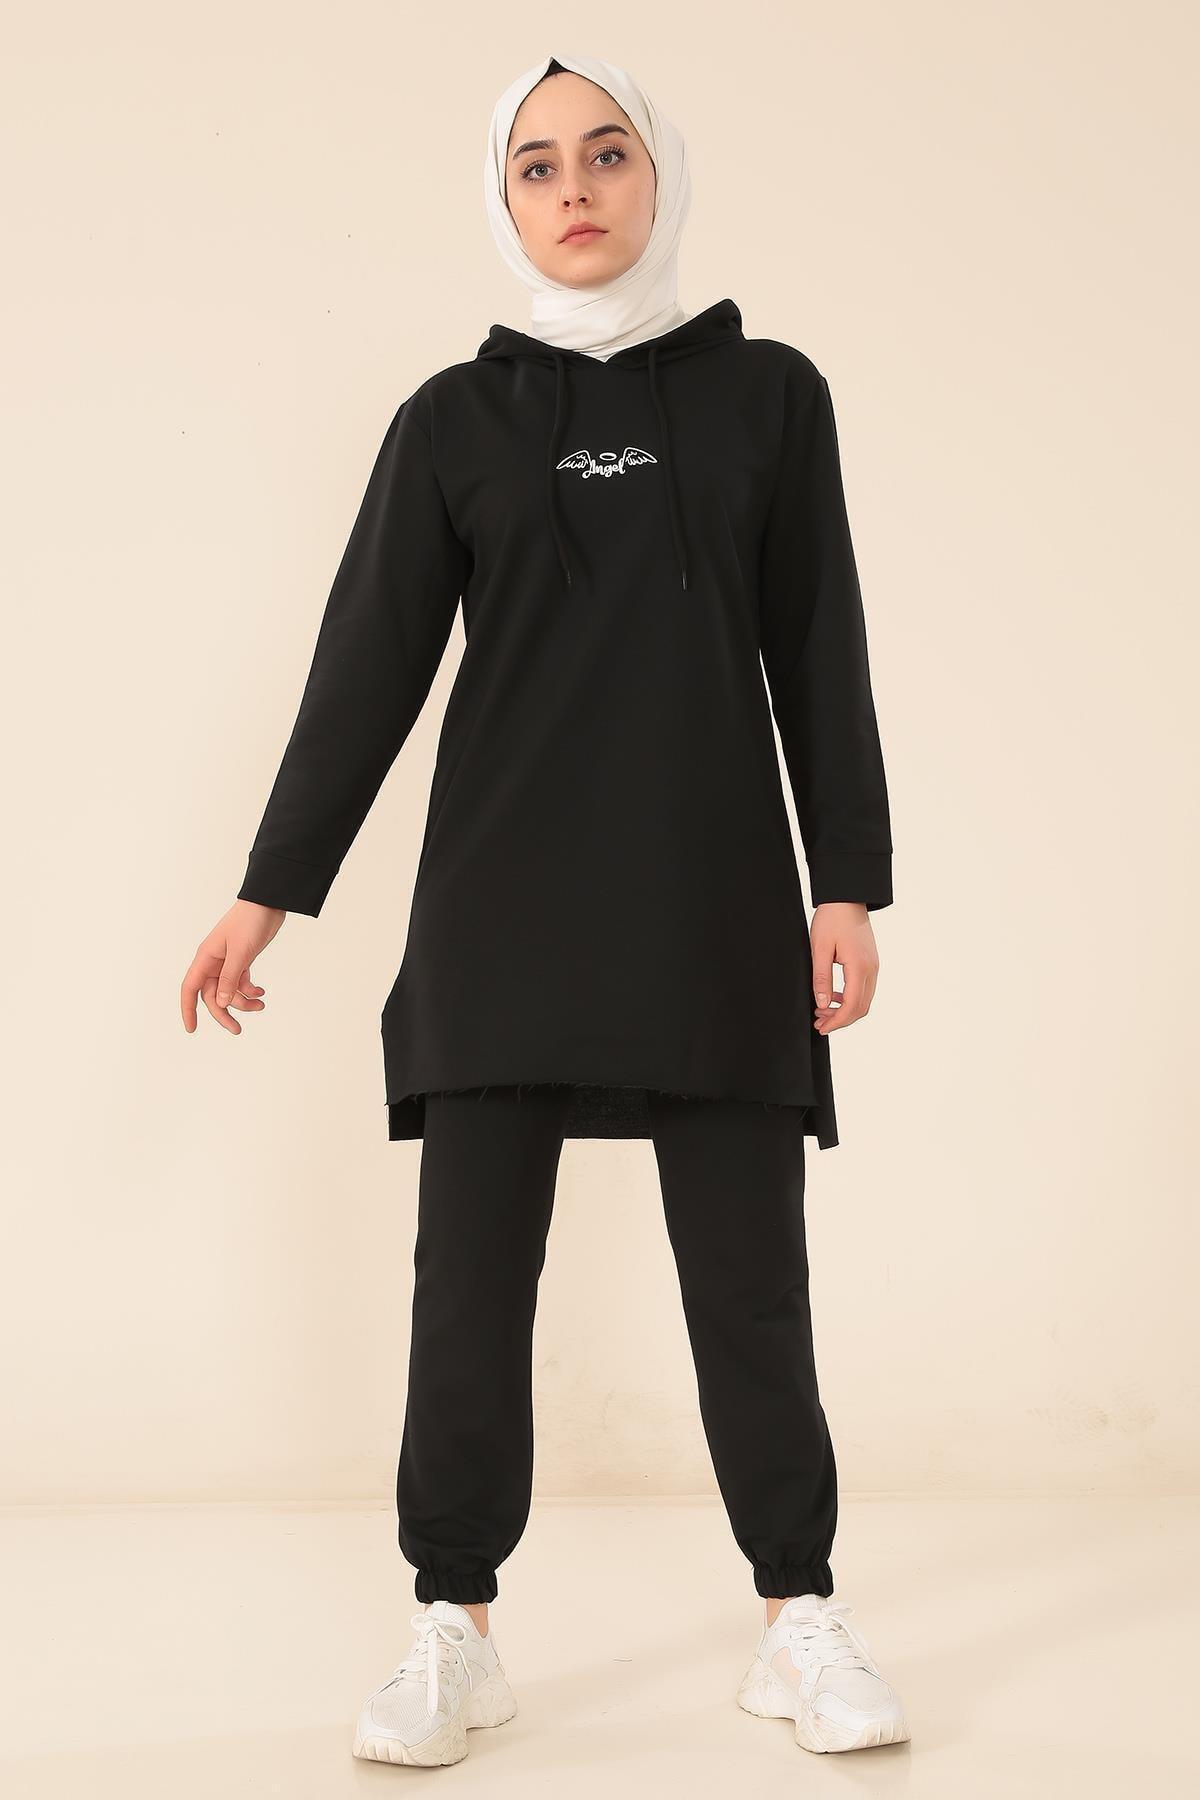 MODA GÜLAY Angel Baskılı Kapşonlu Pantalonlu Takım 2